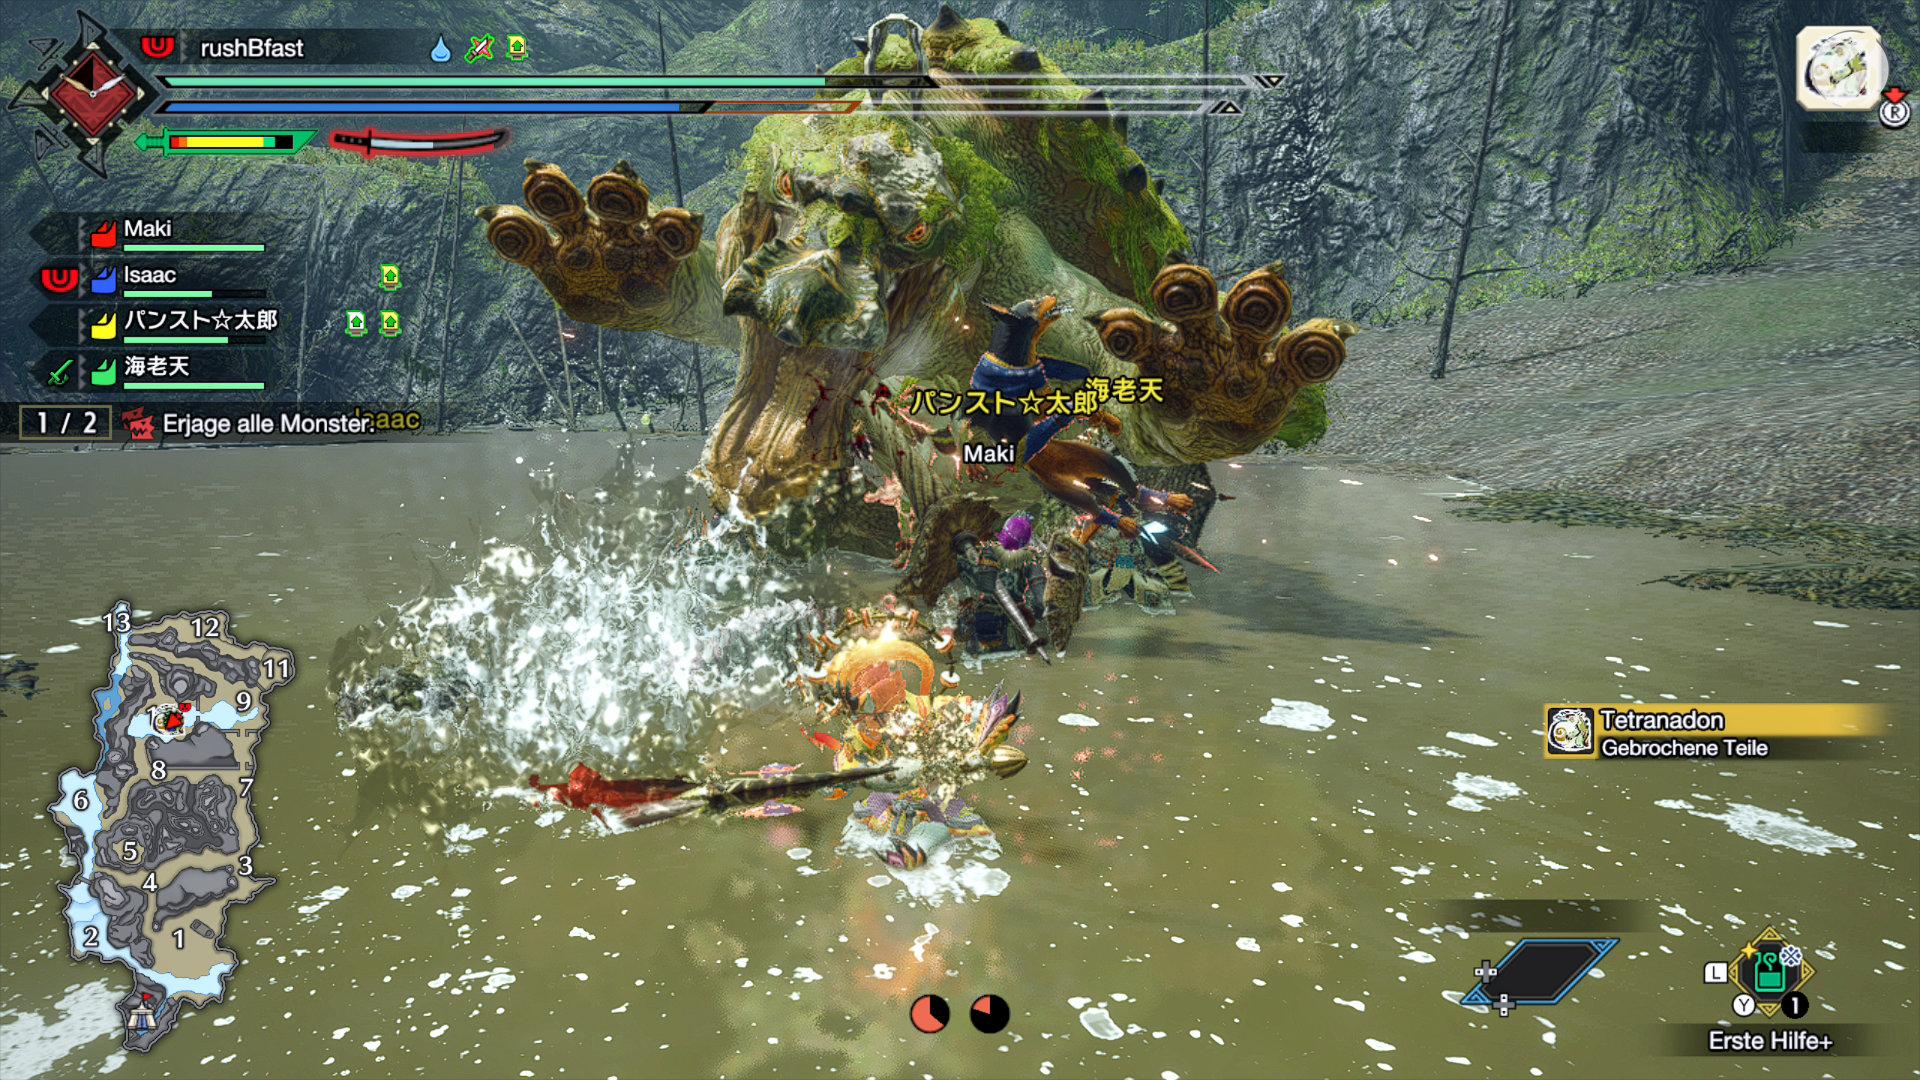 Monster Hunter Rise - Tetranadon: Das Schnabeltier im Ghillie Suit mit Sumo-Kampfstil.